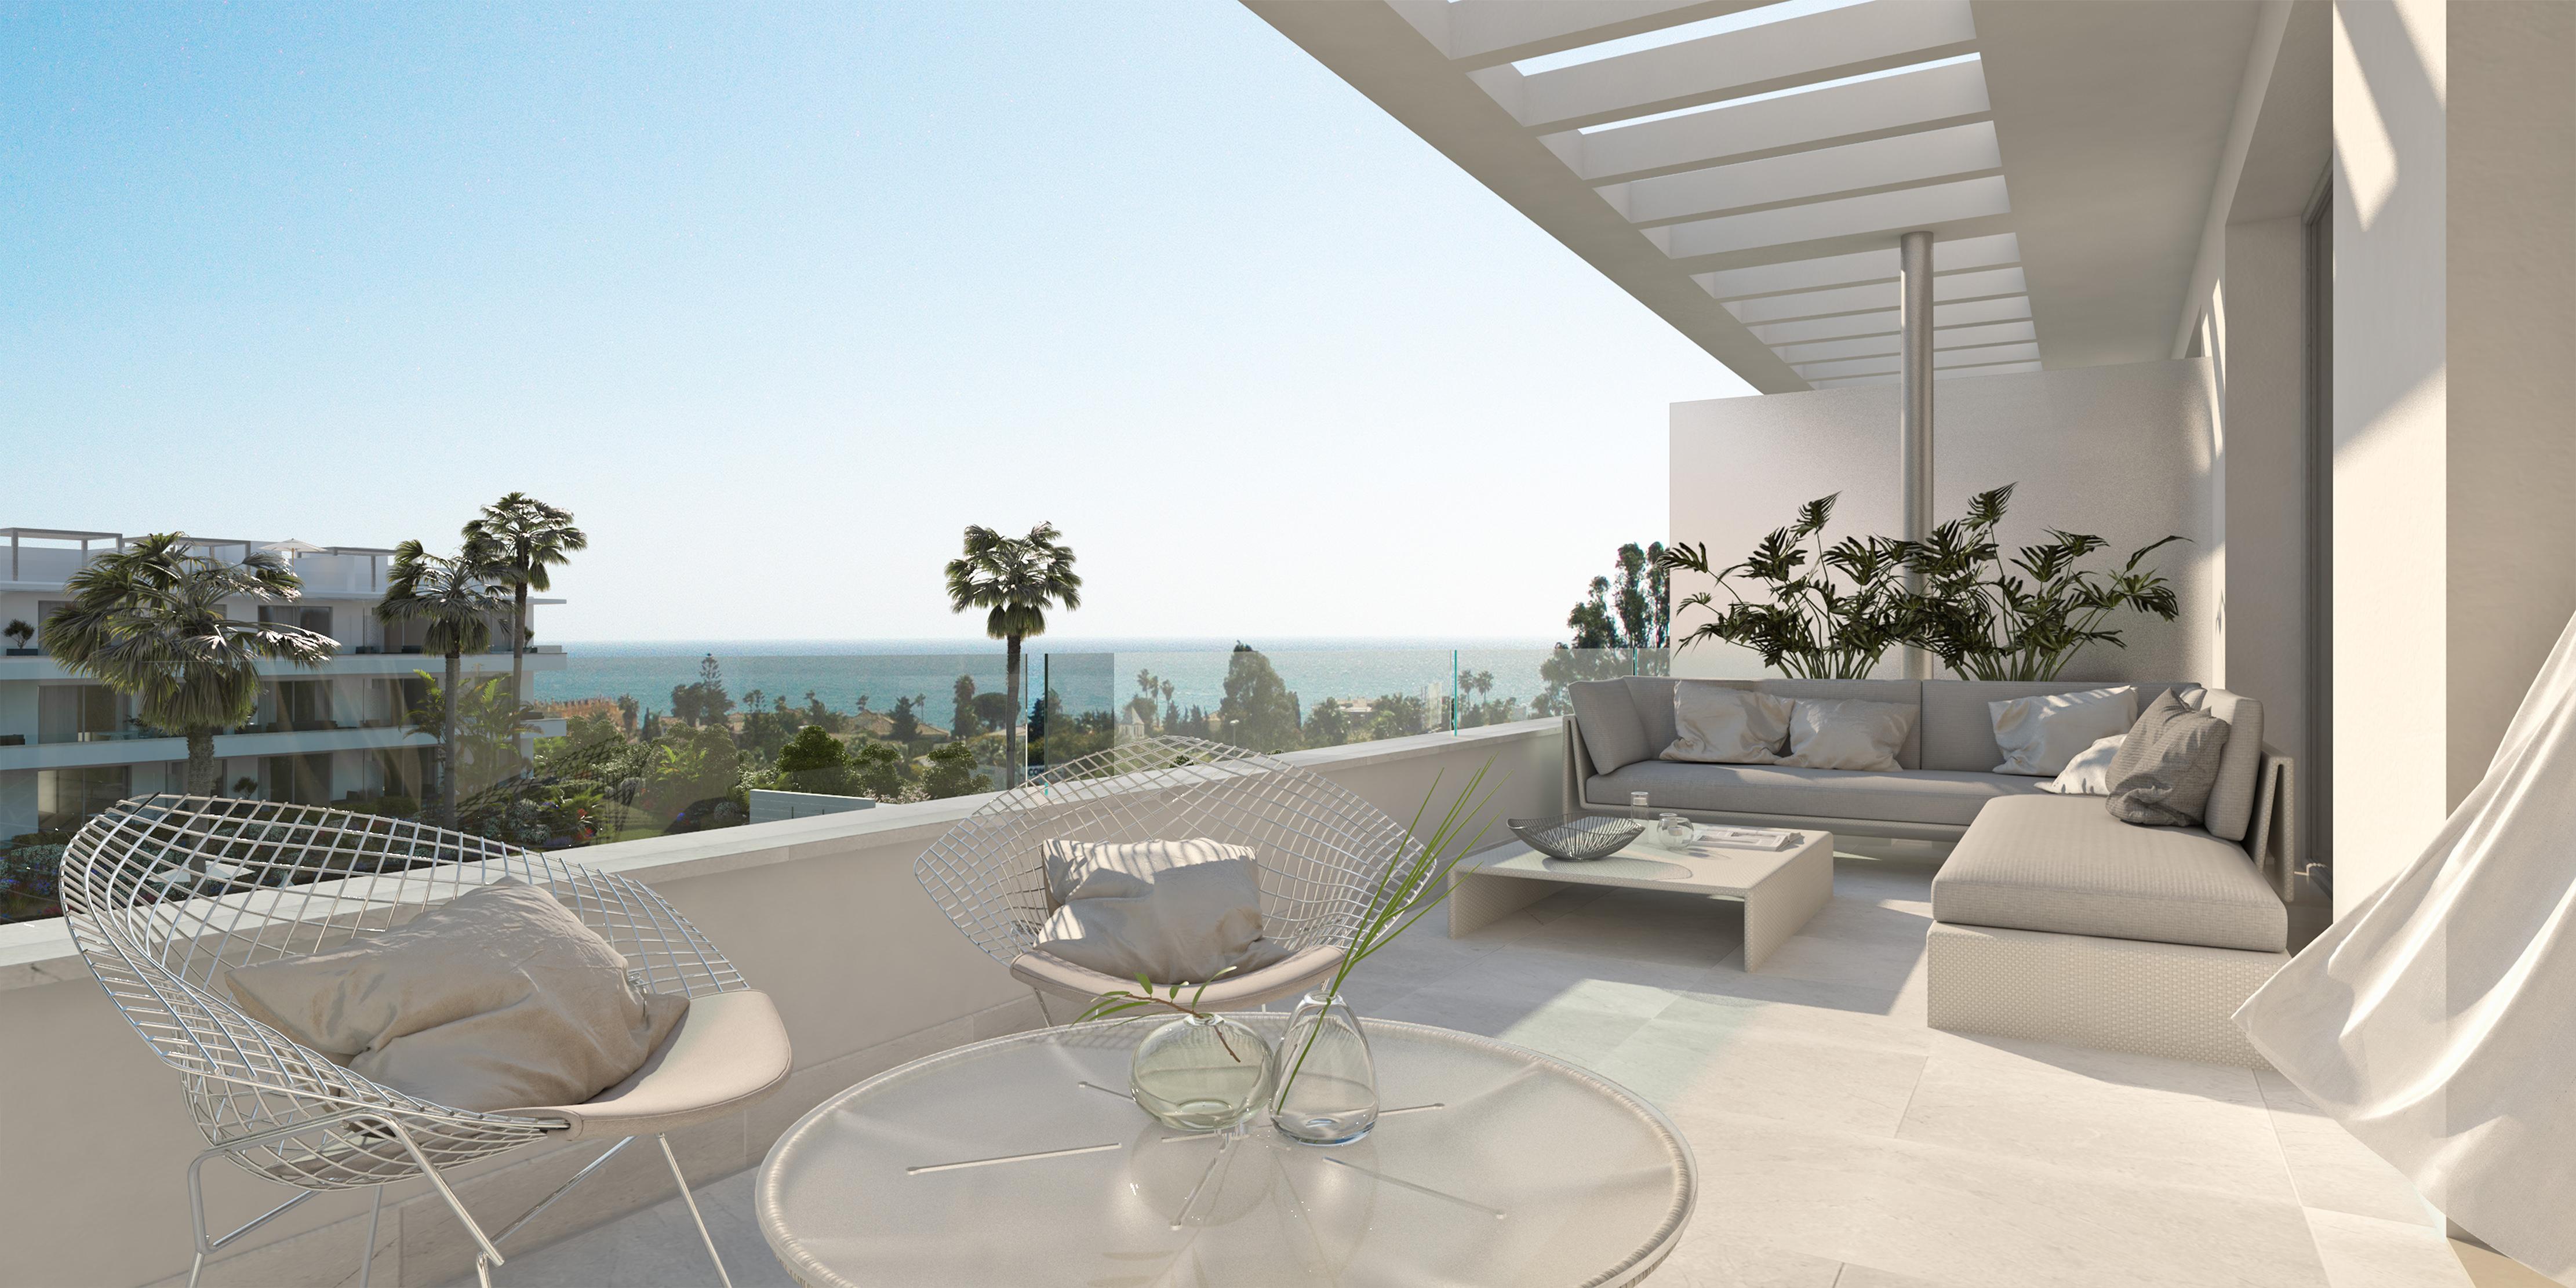 Nieuwe 3 slaapkamer appartement Belaire Estepona Marbella